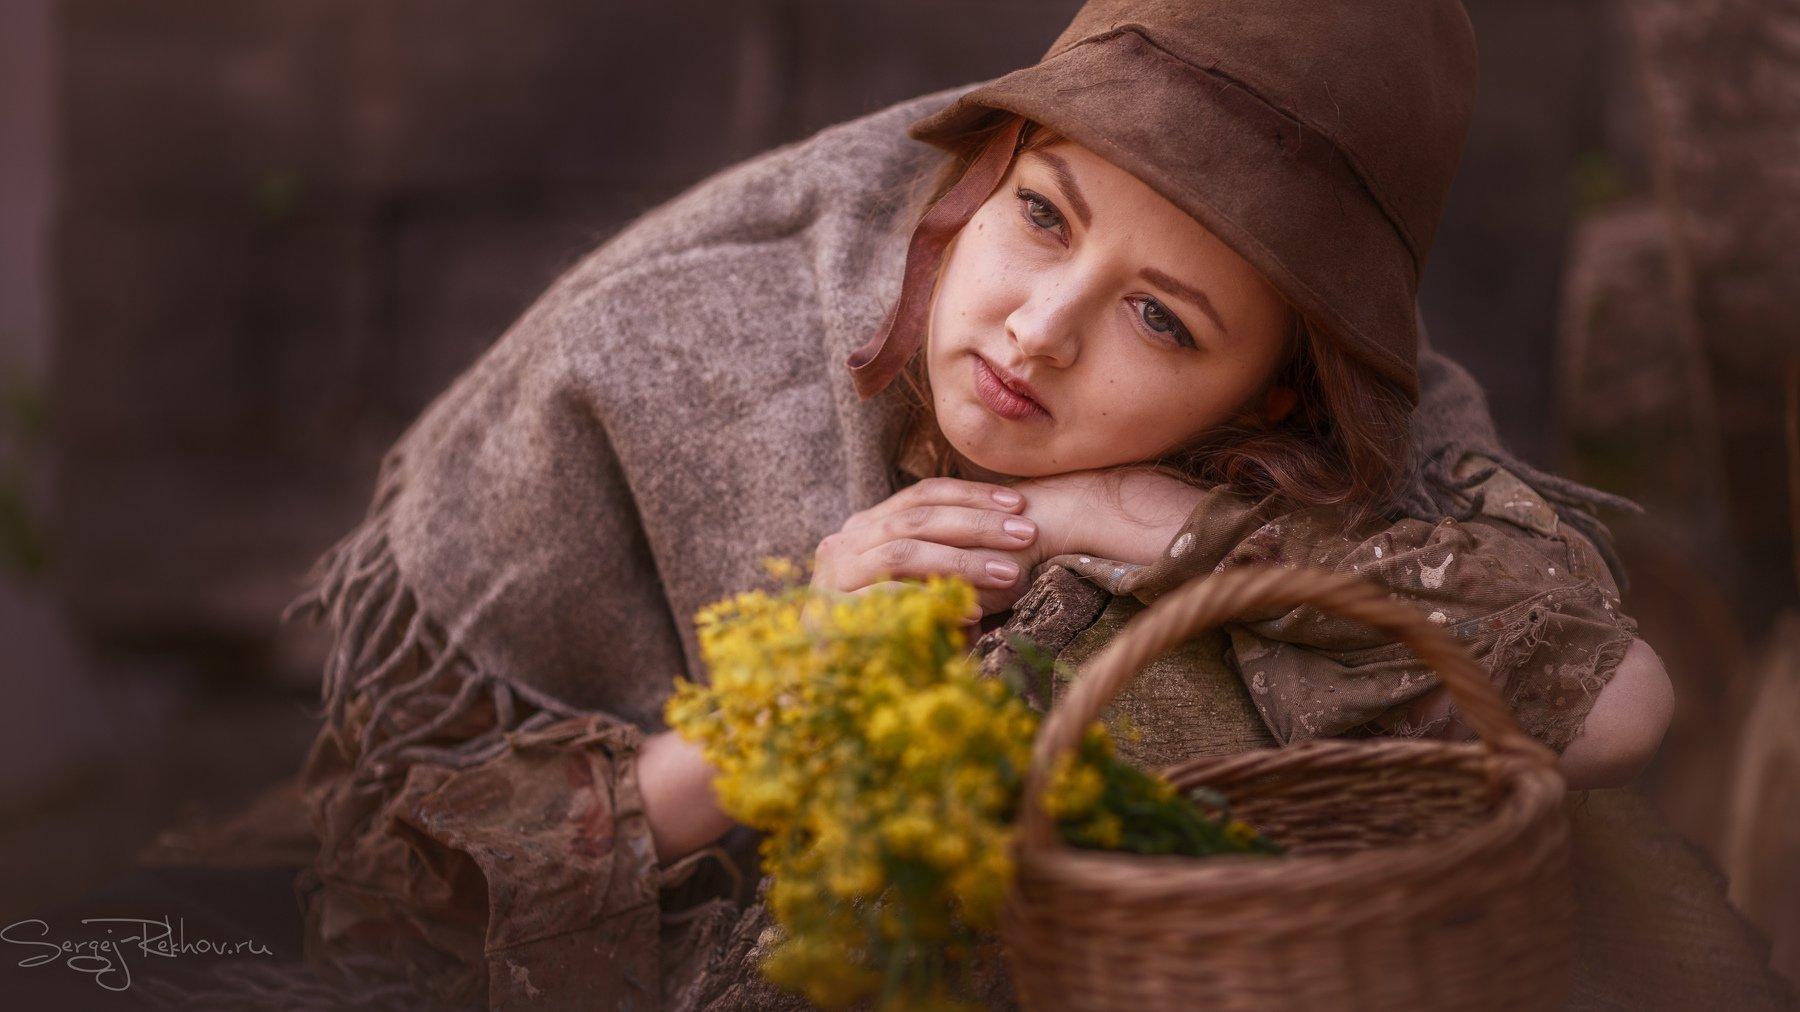 девушка, модель, портрет, цветы, rekhov, Сергей Рехов